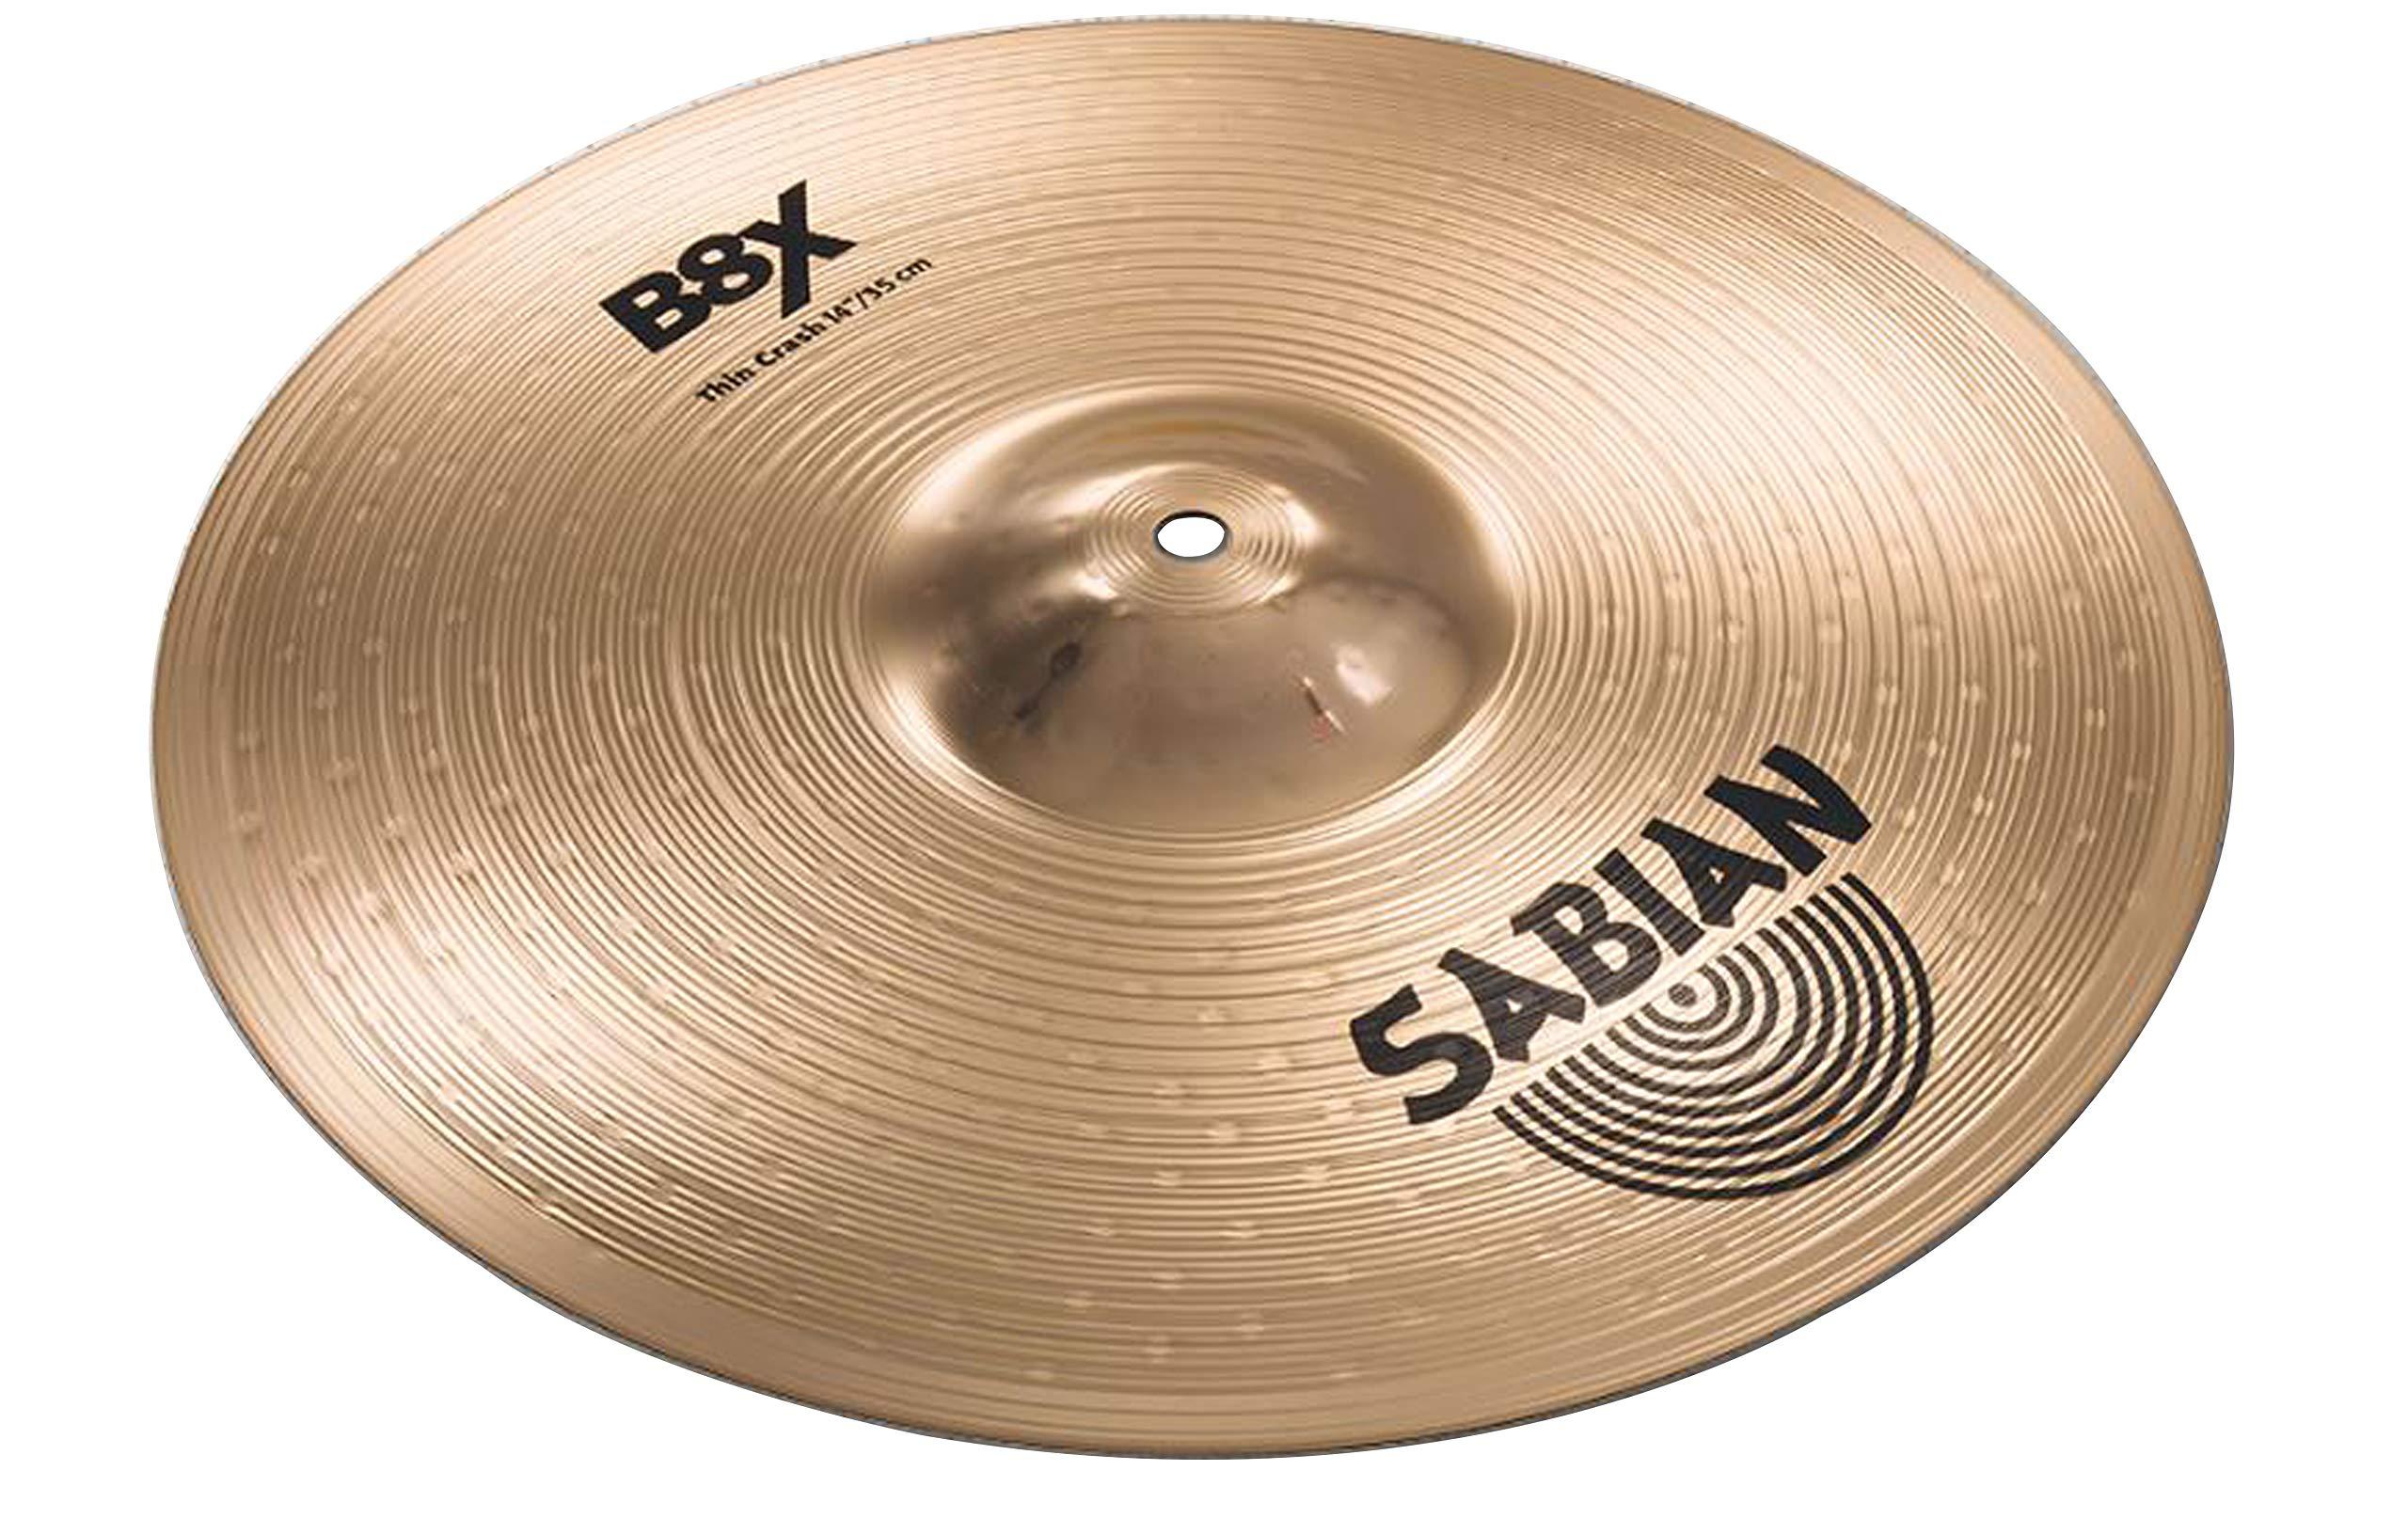 Sabian B8X 14'' Thin Crash Cymbal by Sabian